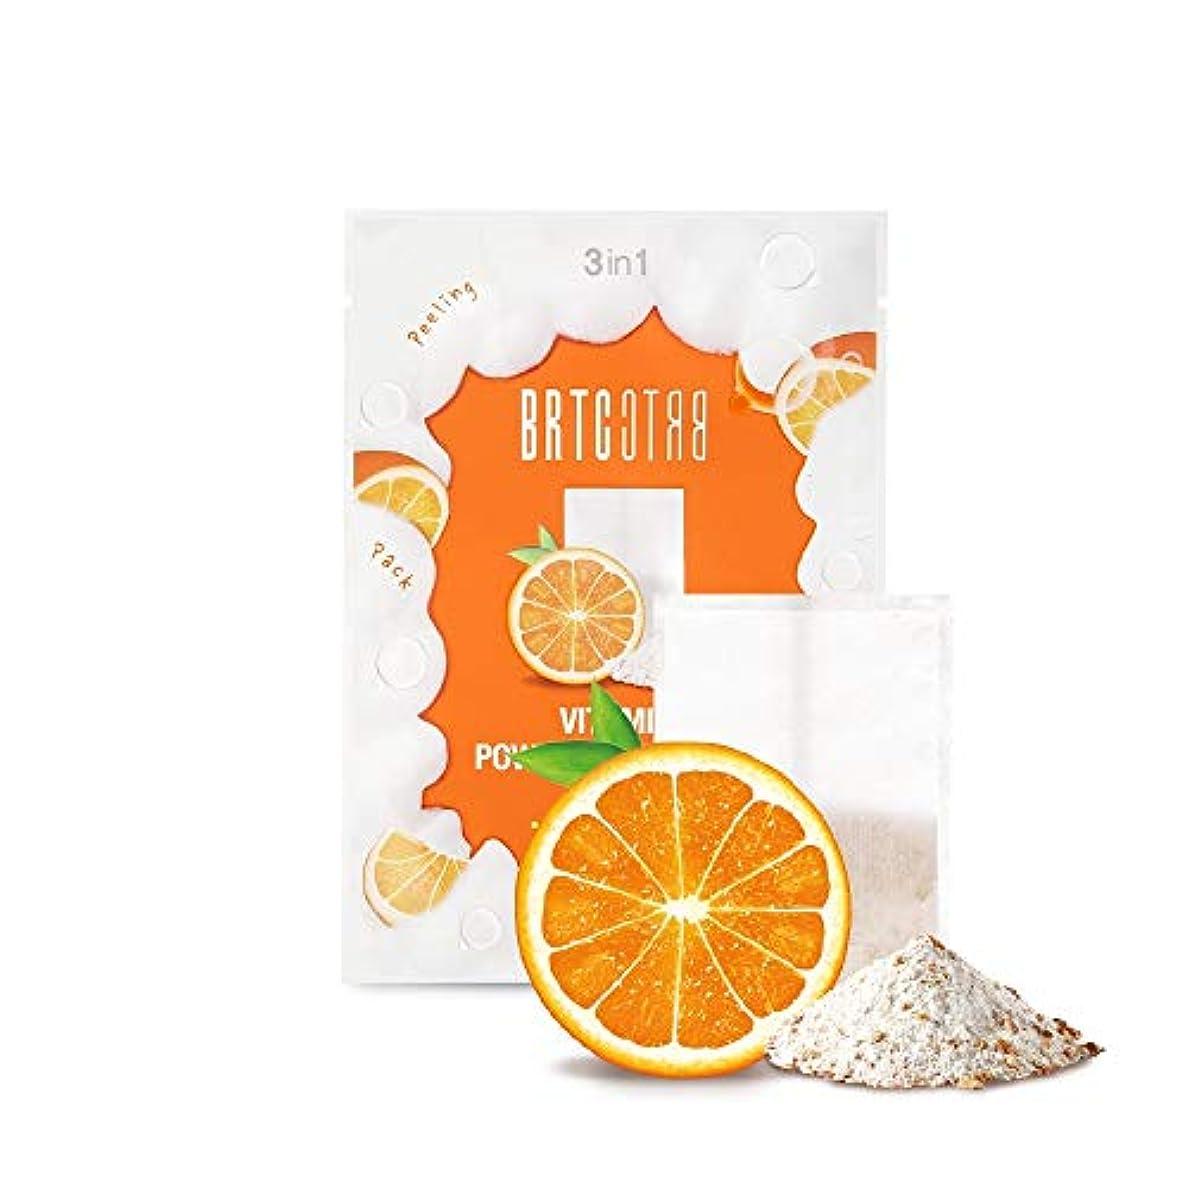 賞賛する侮辱ピーブBRTC V10ビタミンパウダークレンジングティーバッグ V10 Vitamin Powder Cleansing Tea Bag [MANDARIN&ORANGE] 1.5g * 15ea [並行輸入品]